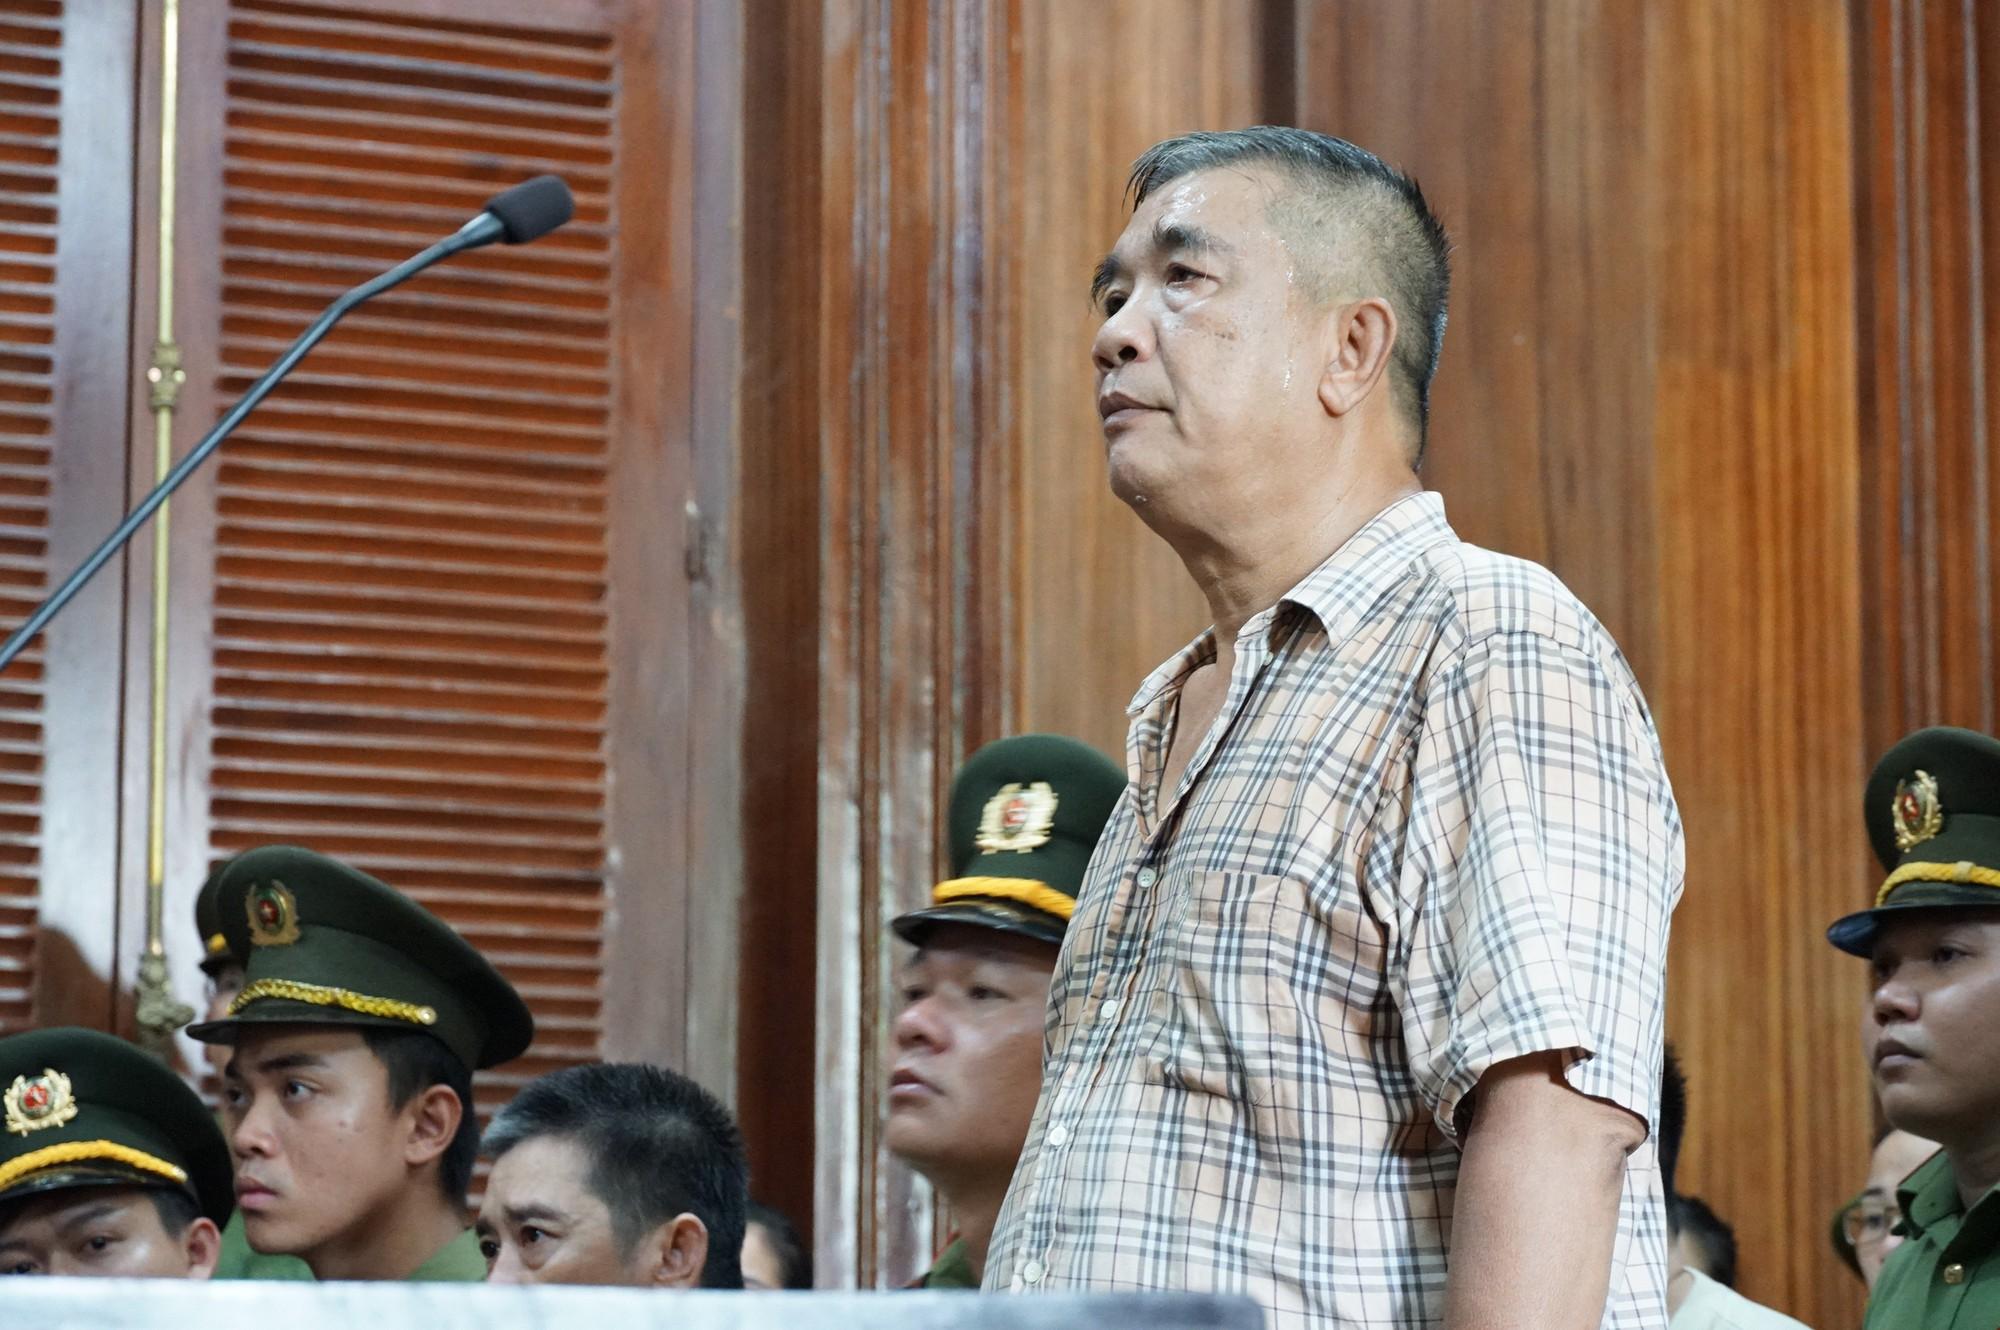 Tòa trả hồ sơ, bố Văn Kính Dương bị điều tra bổ sung - Ảnh 1.